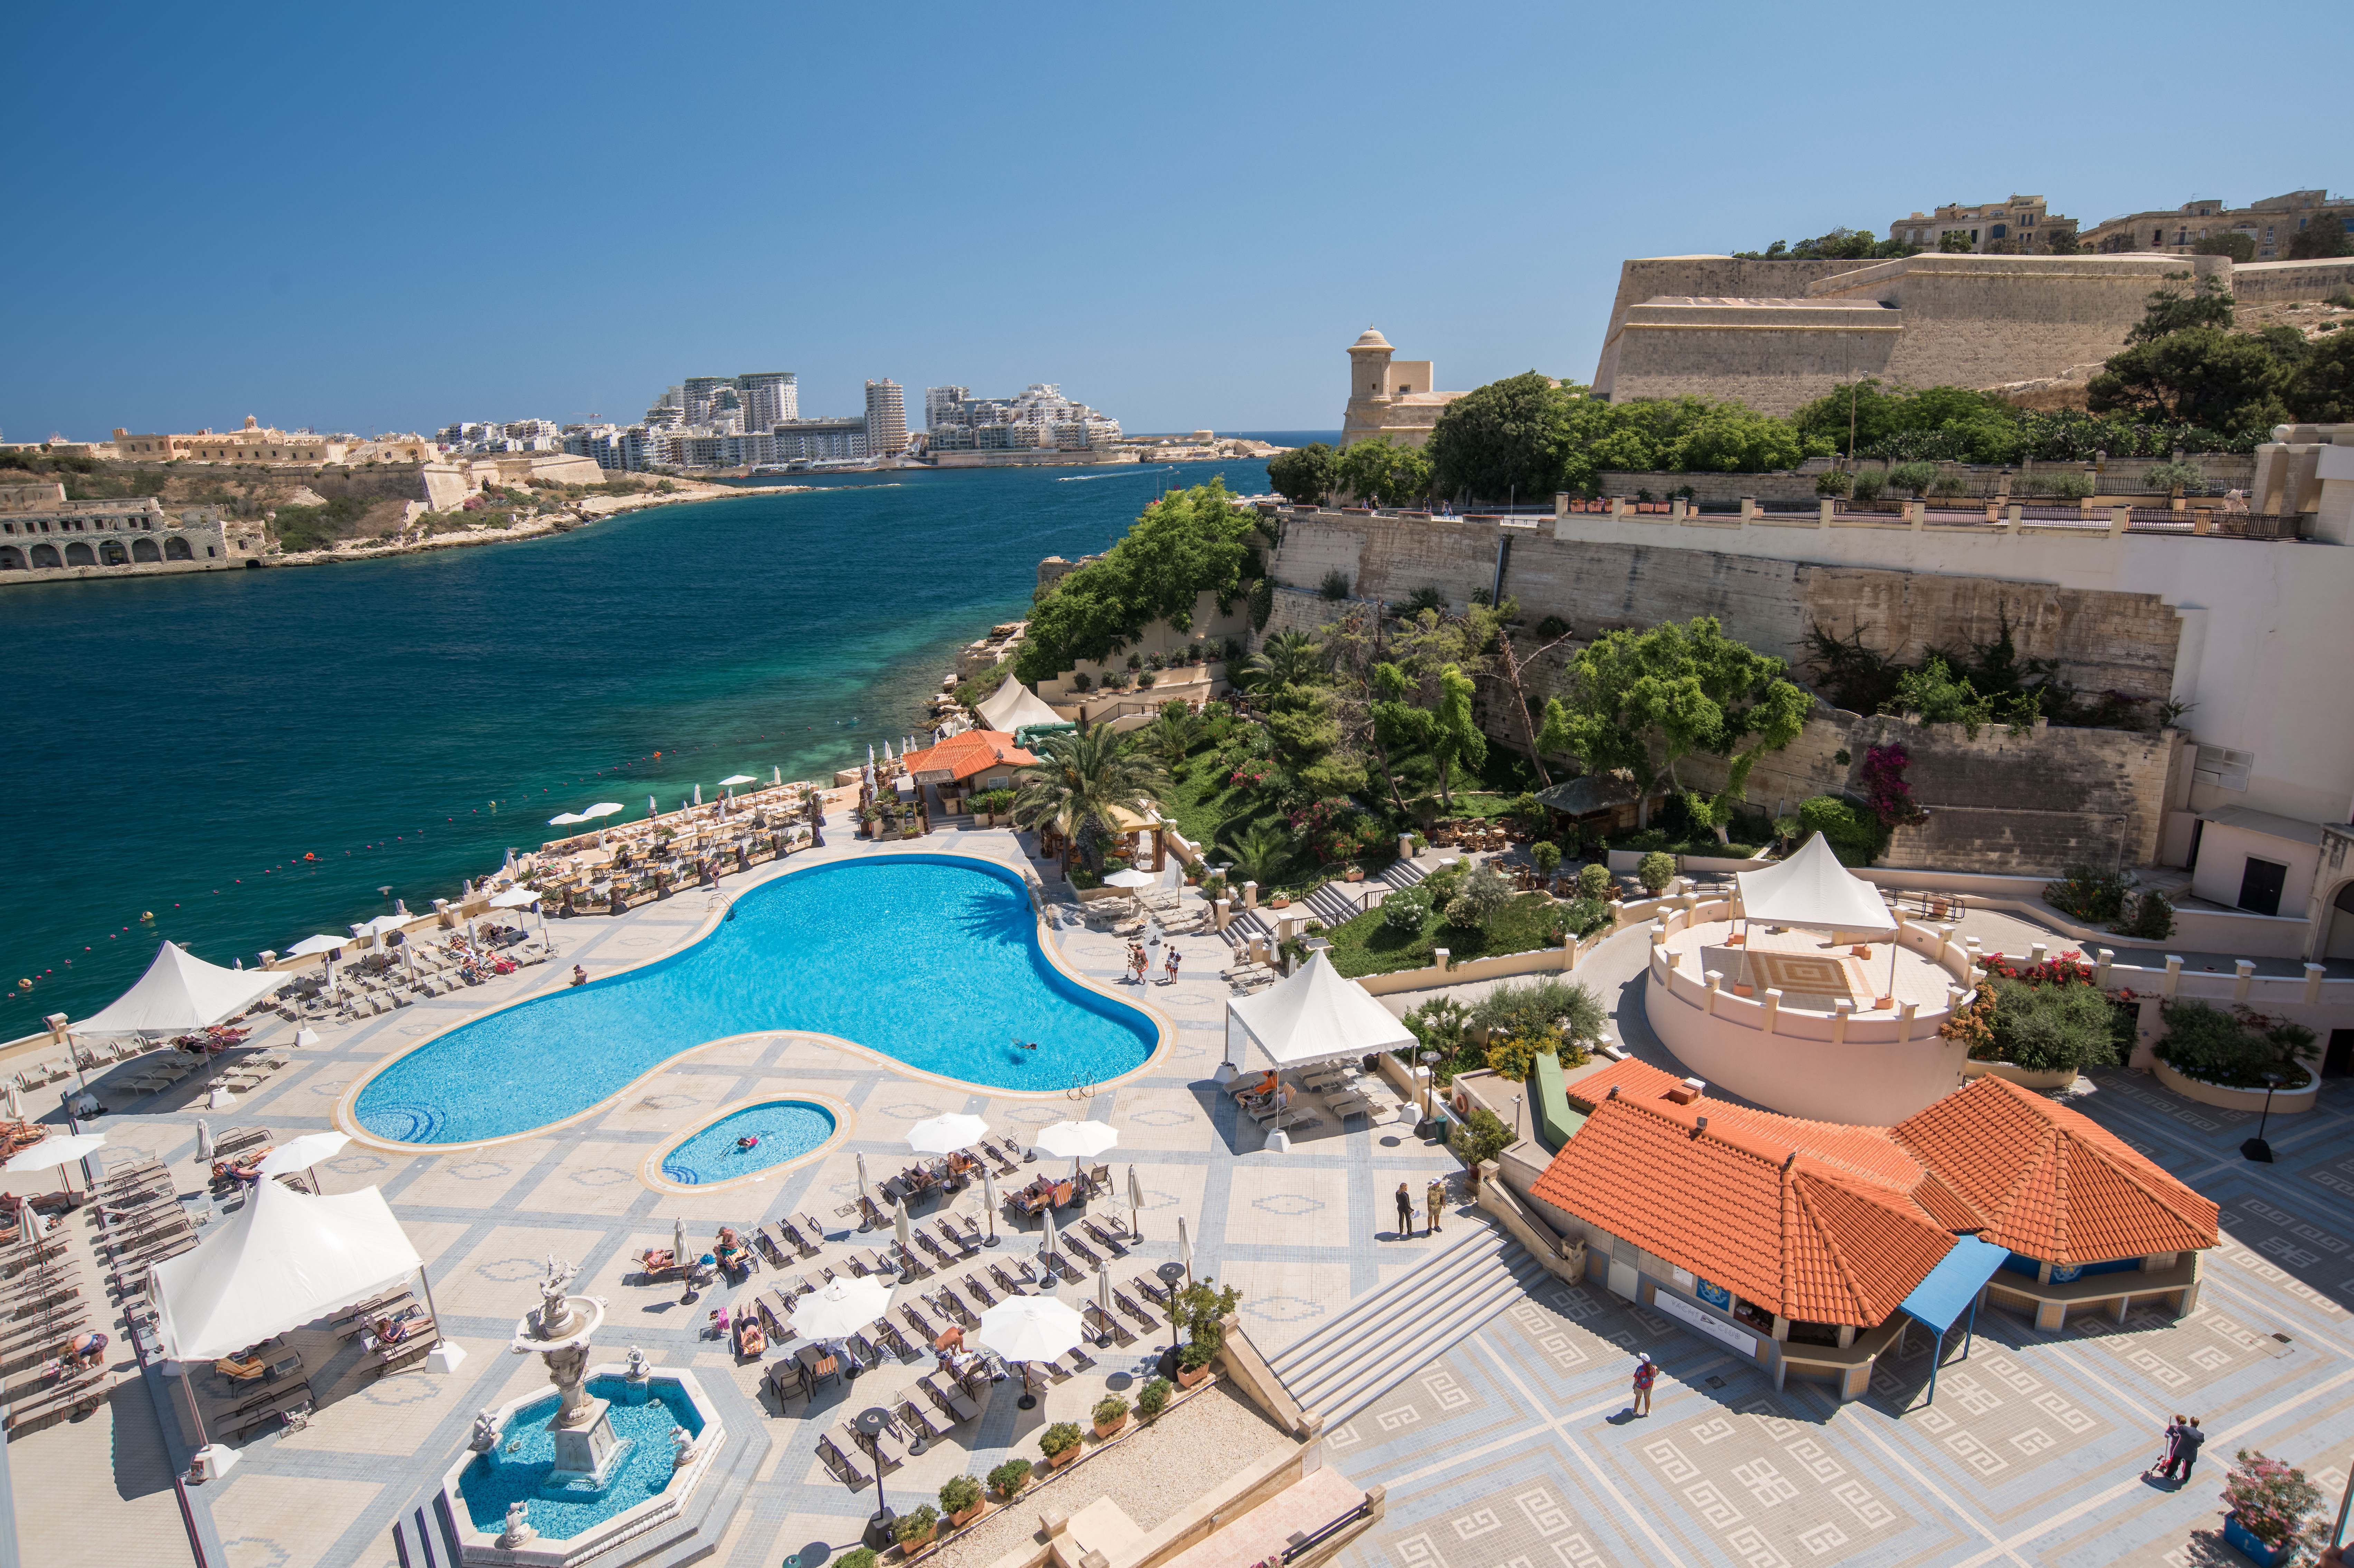 Haie Malta